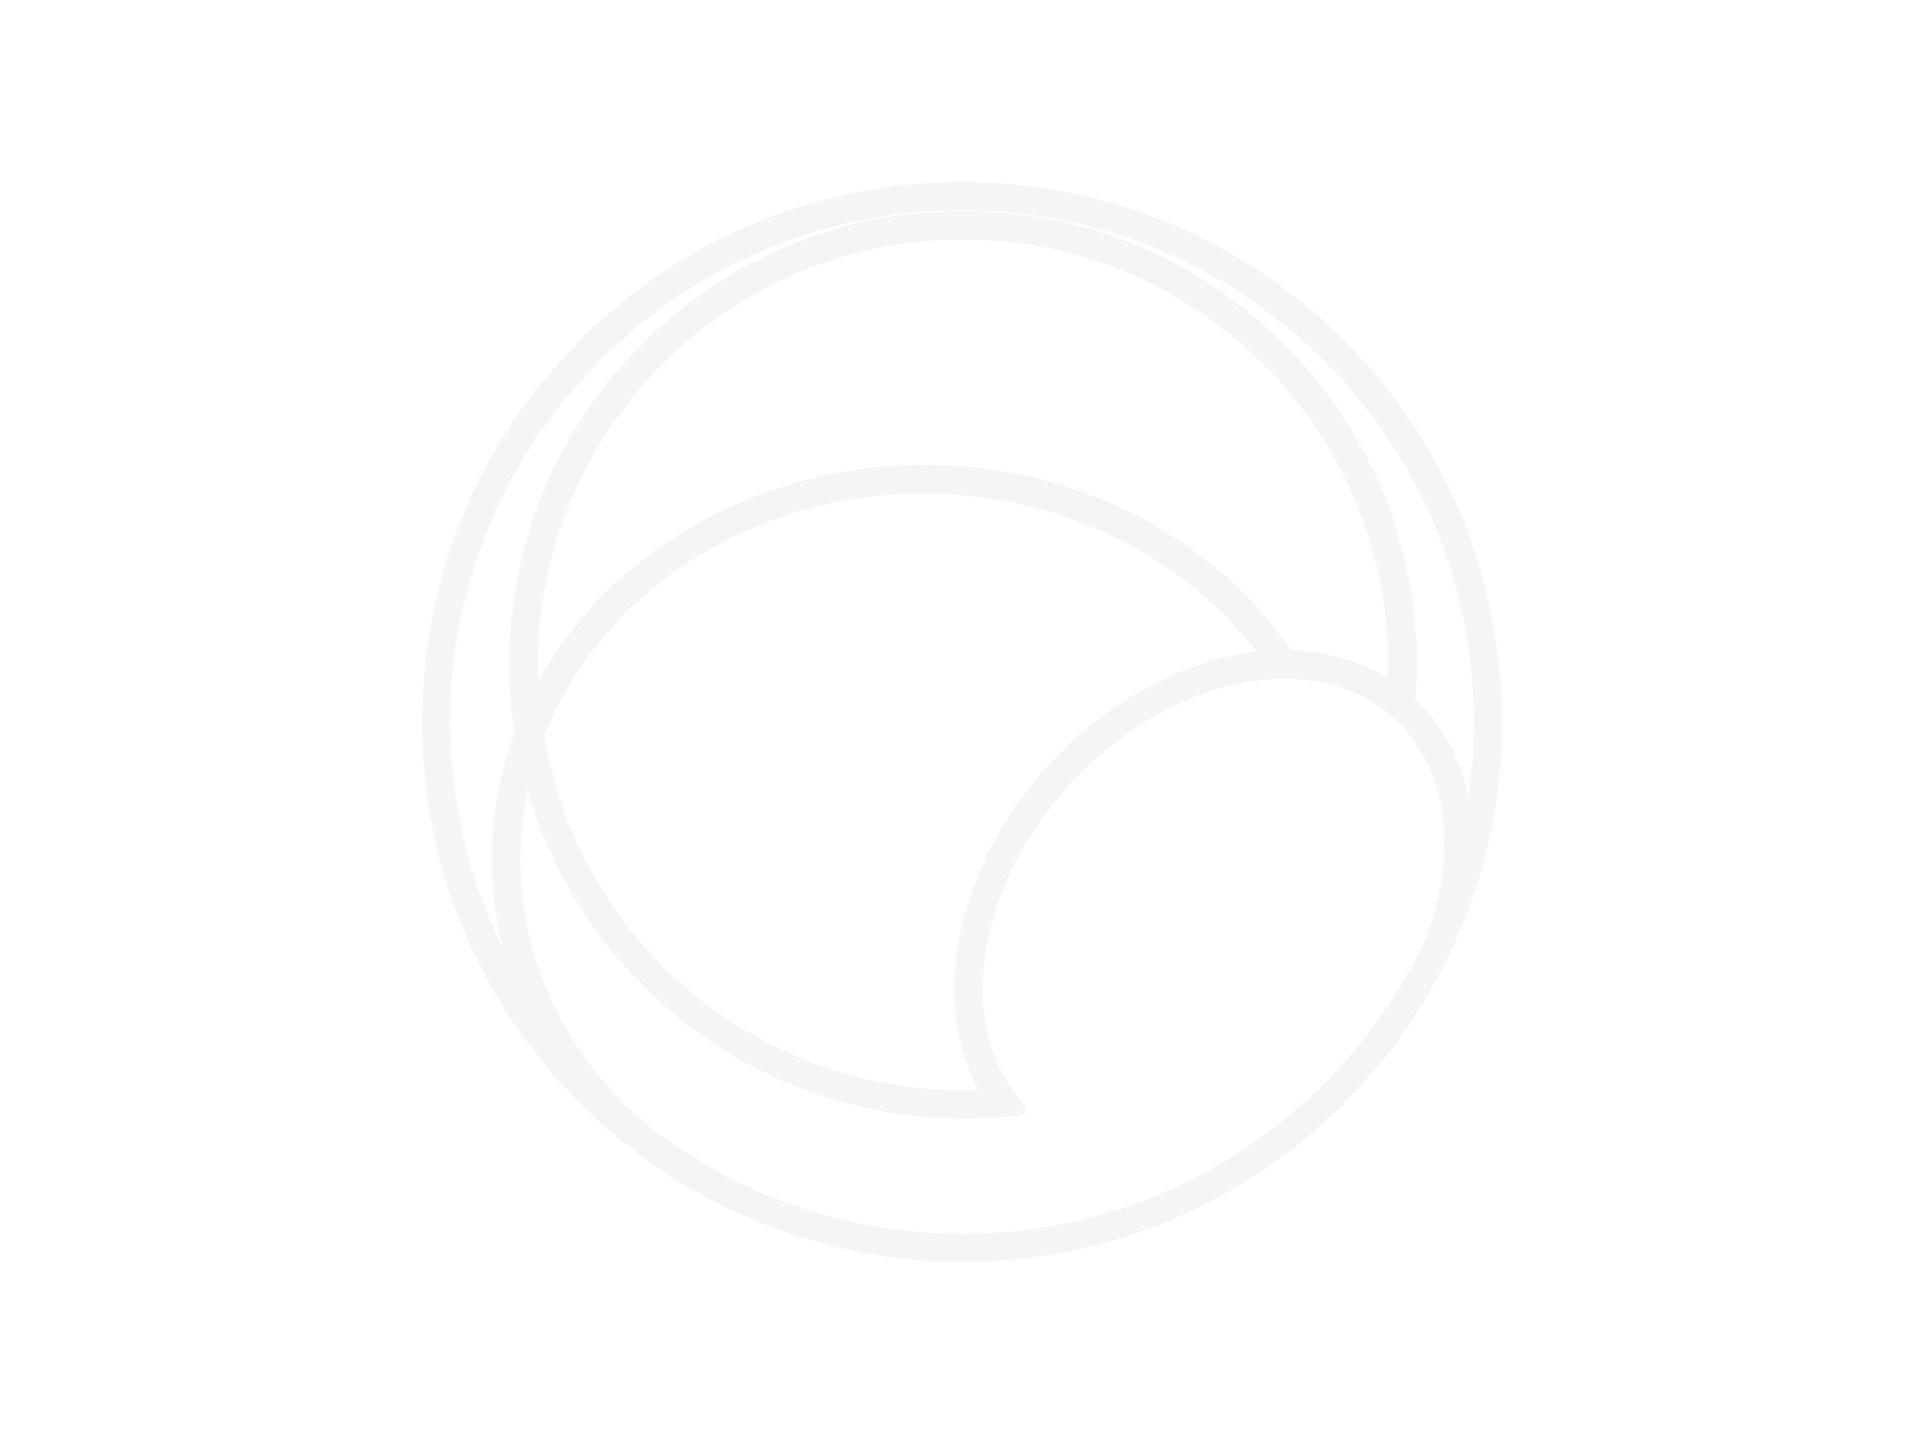 24.mar.2020 - Profissionais de saúde atentem o público em tenda colocada na parte externa da Clínica da Família da Rocinha para evitar disseminação do novo coronavírus - Herculano Barreto Filho/UOL